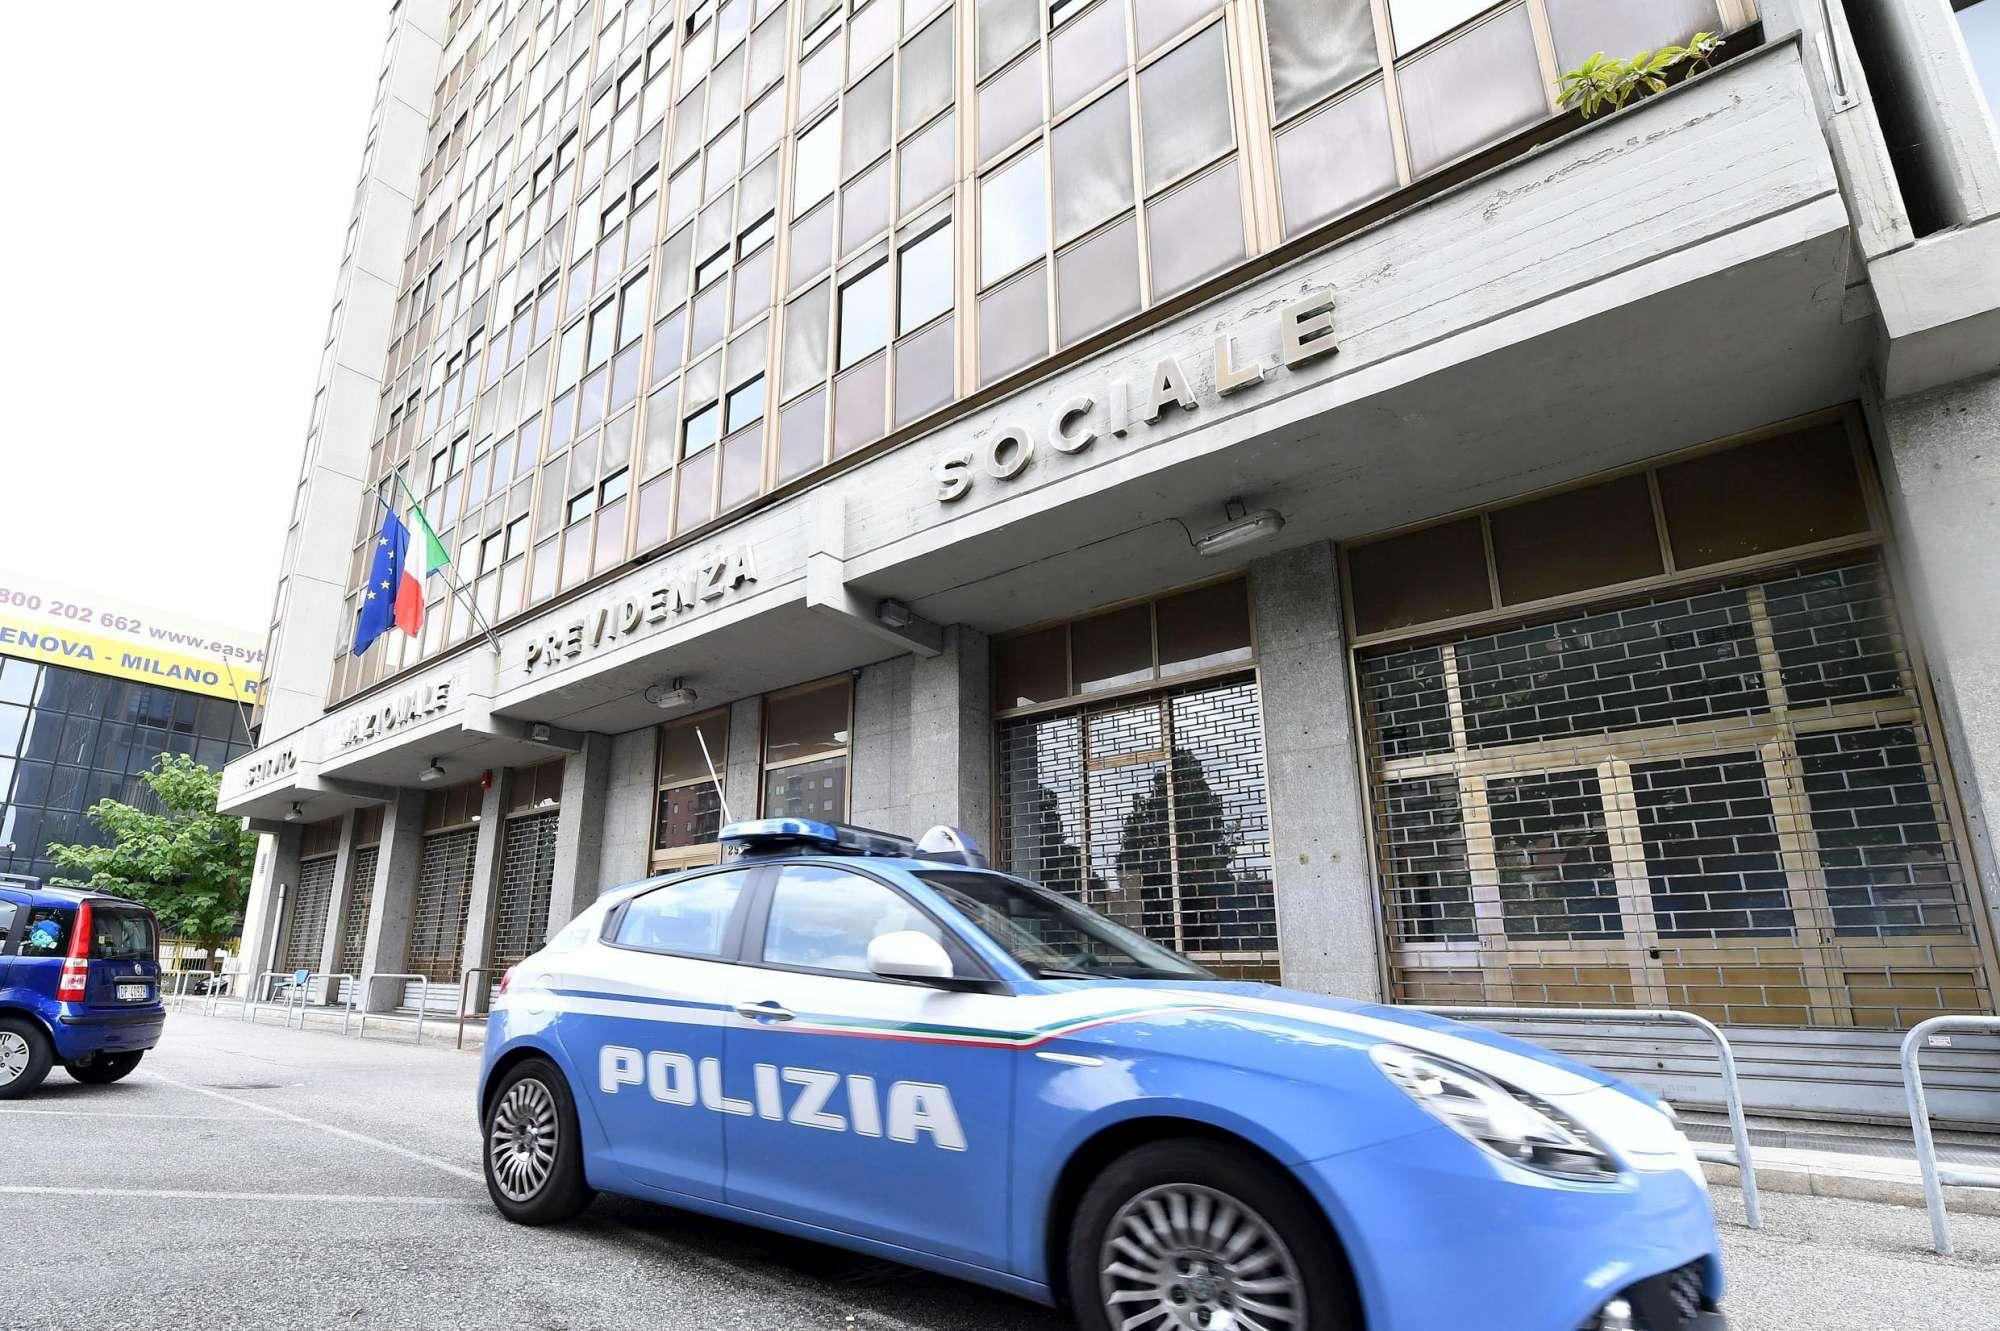 Torino disoccupata si d fuoco negli uffici dell Inps